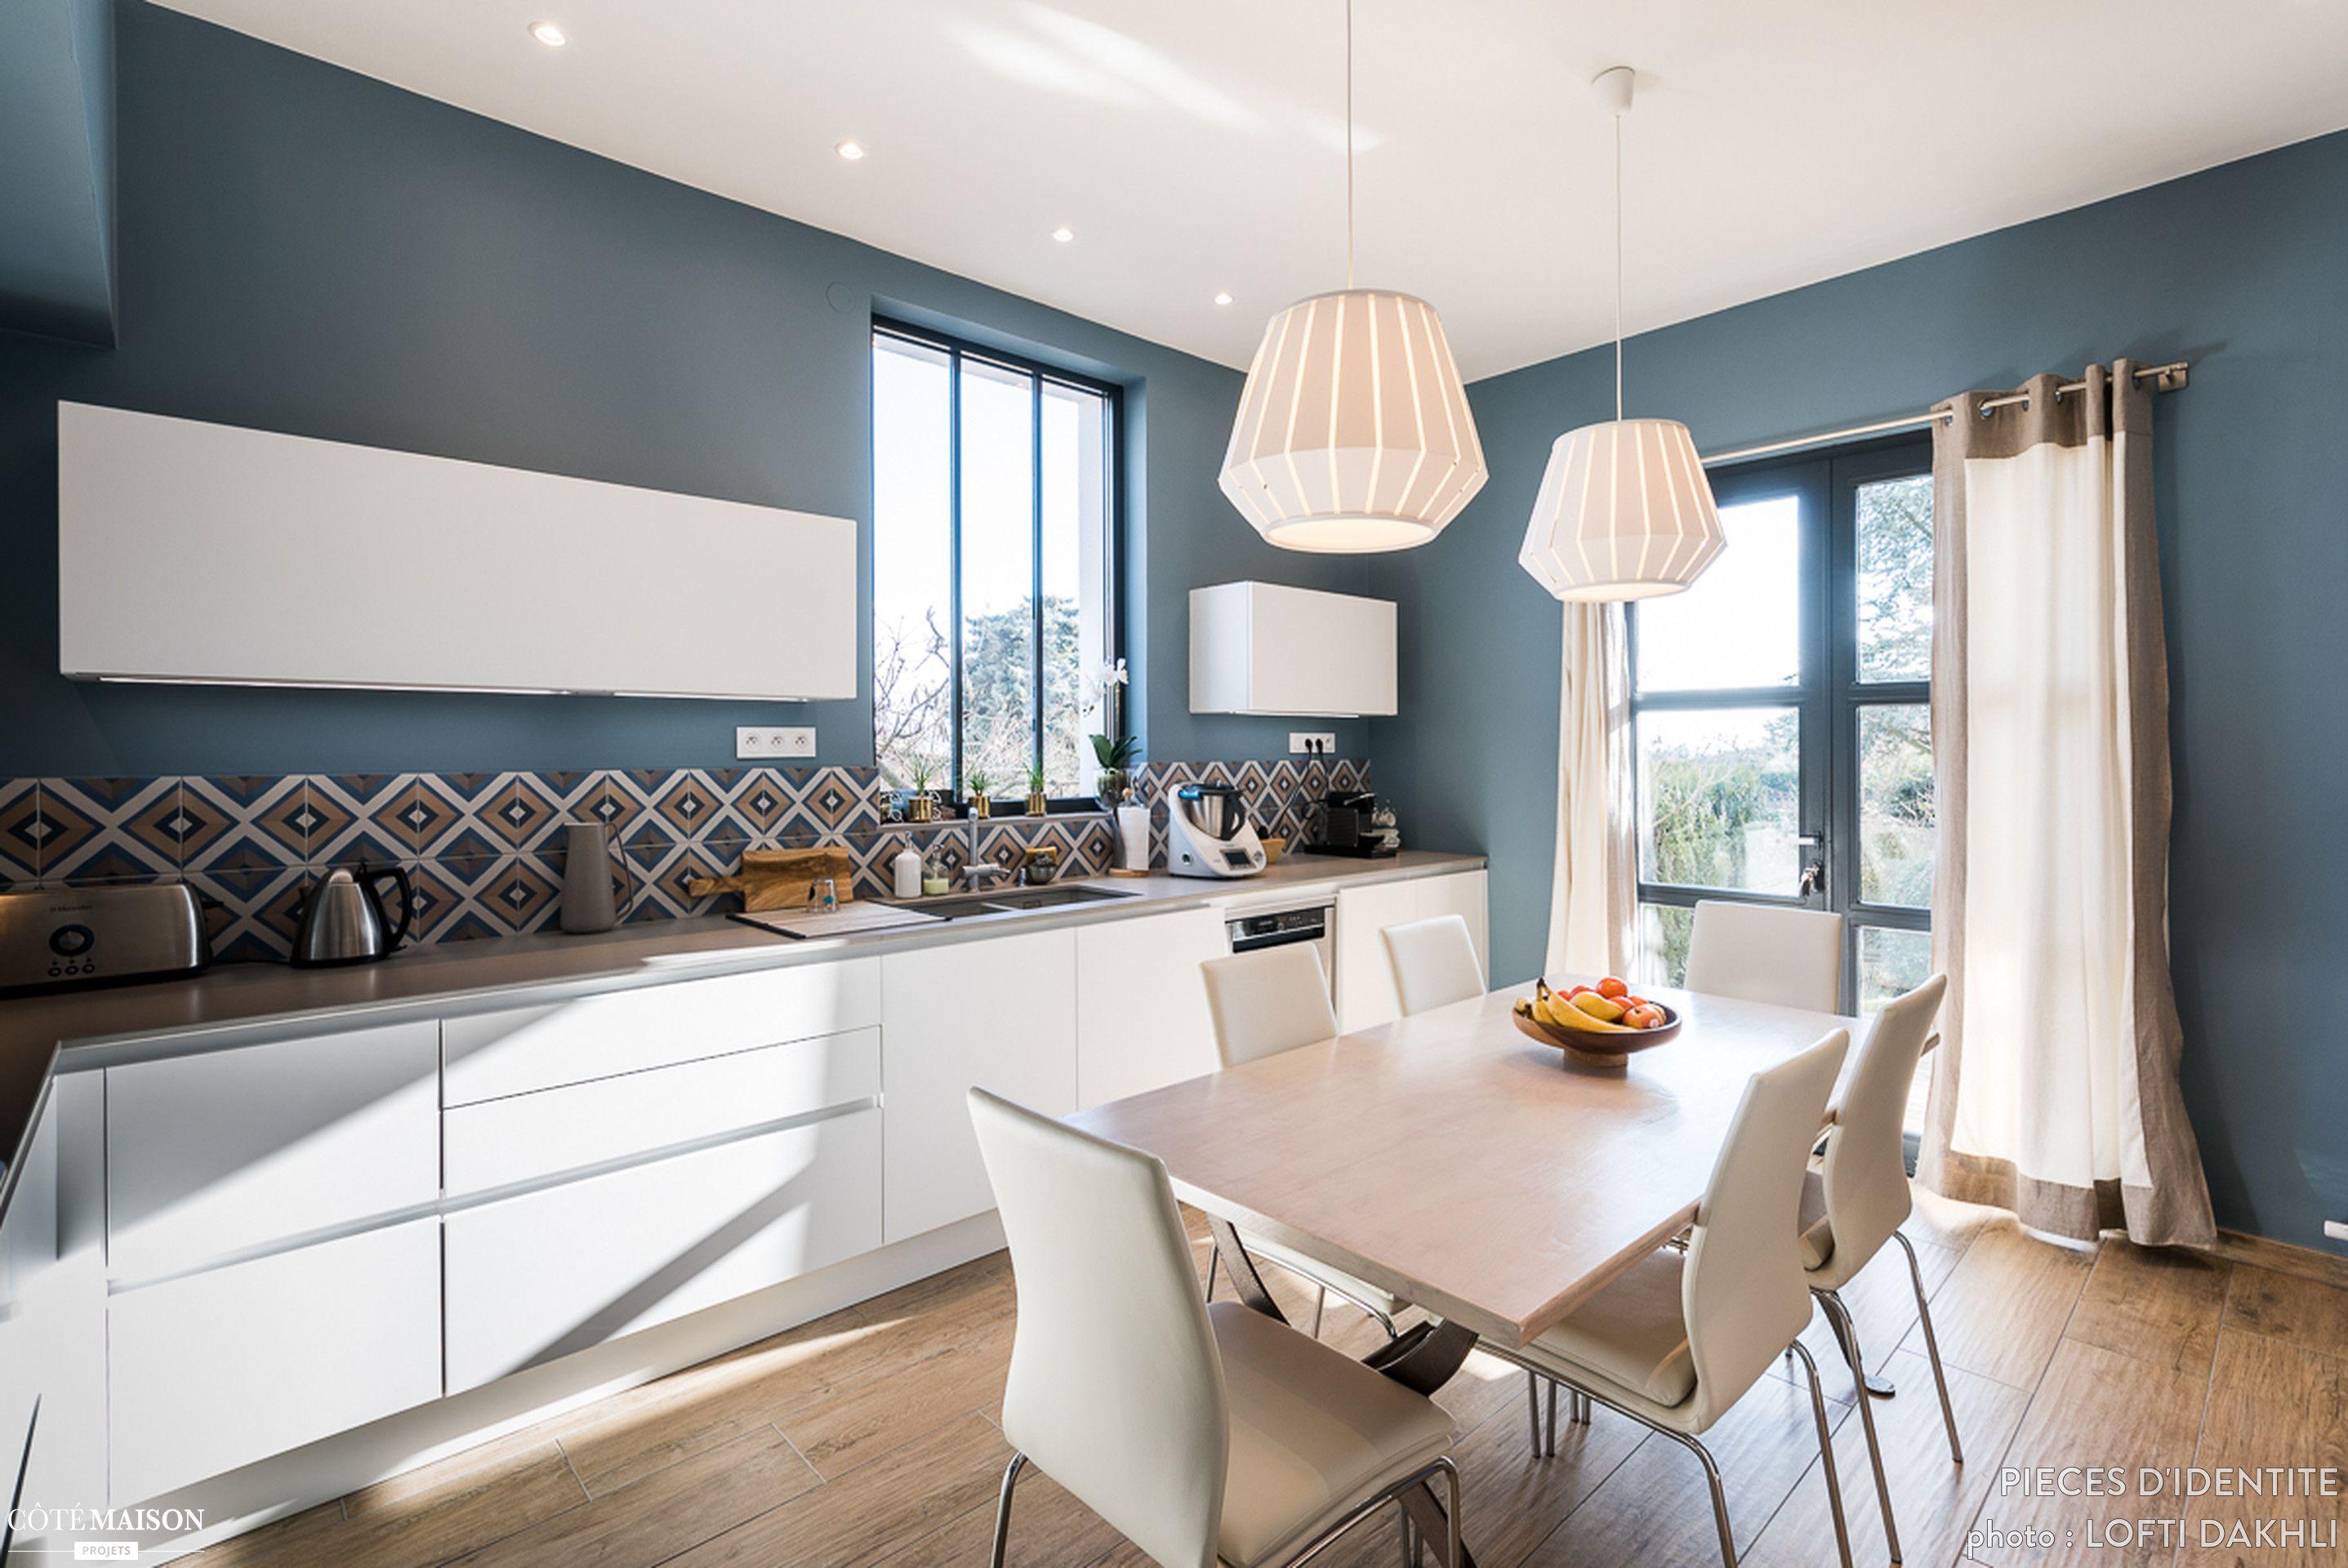 Rénovation cuisine contemporaine et douce dans maison bourgeoise